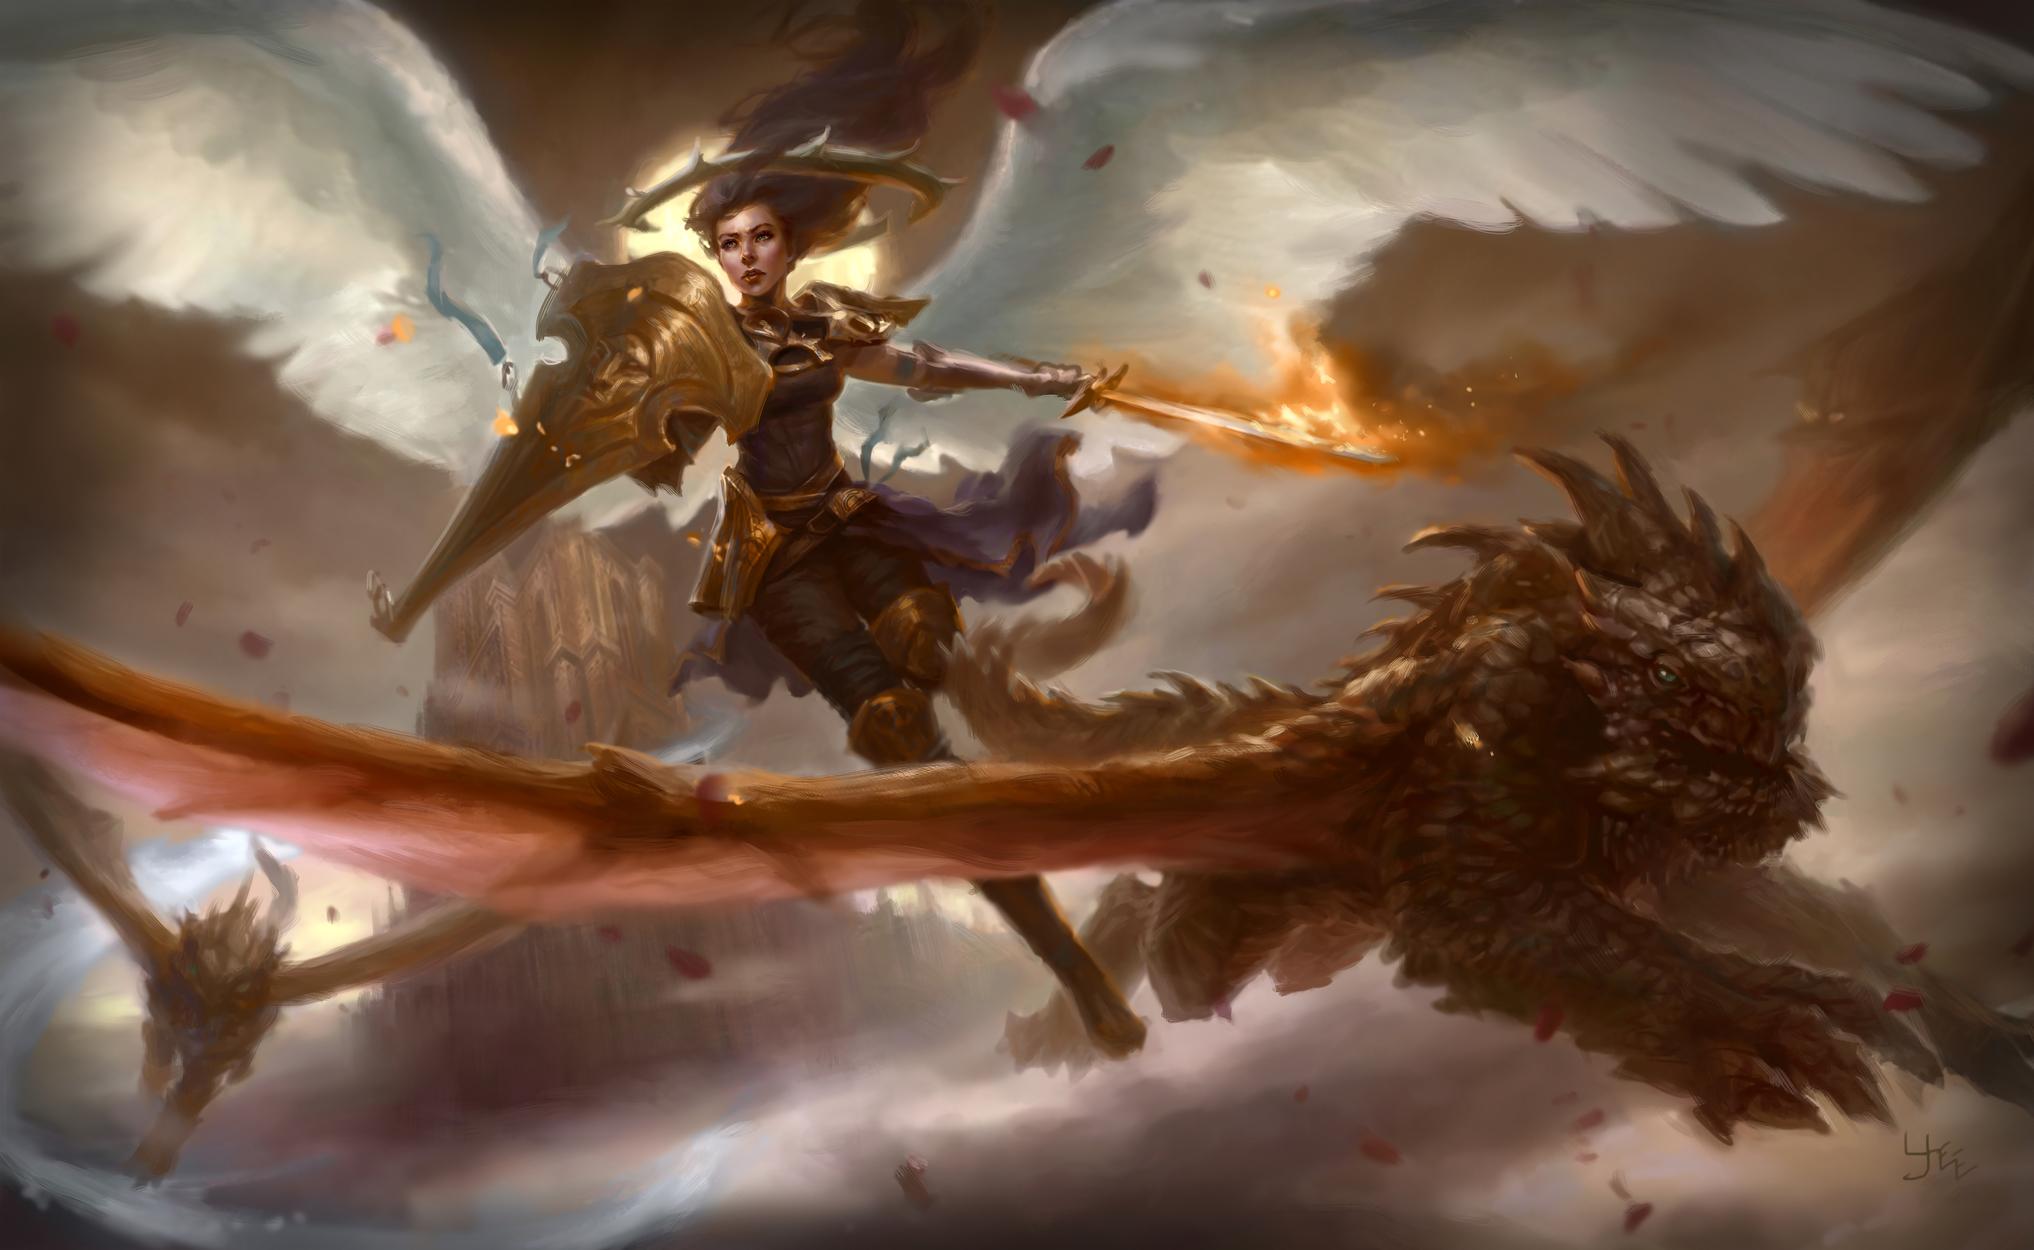 Angel Protector Artwork by Ryan Yee